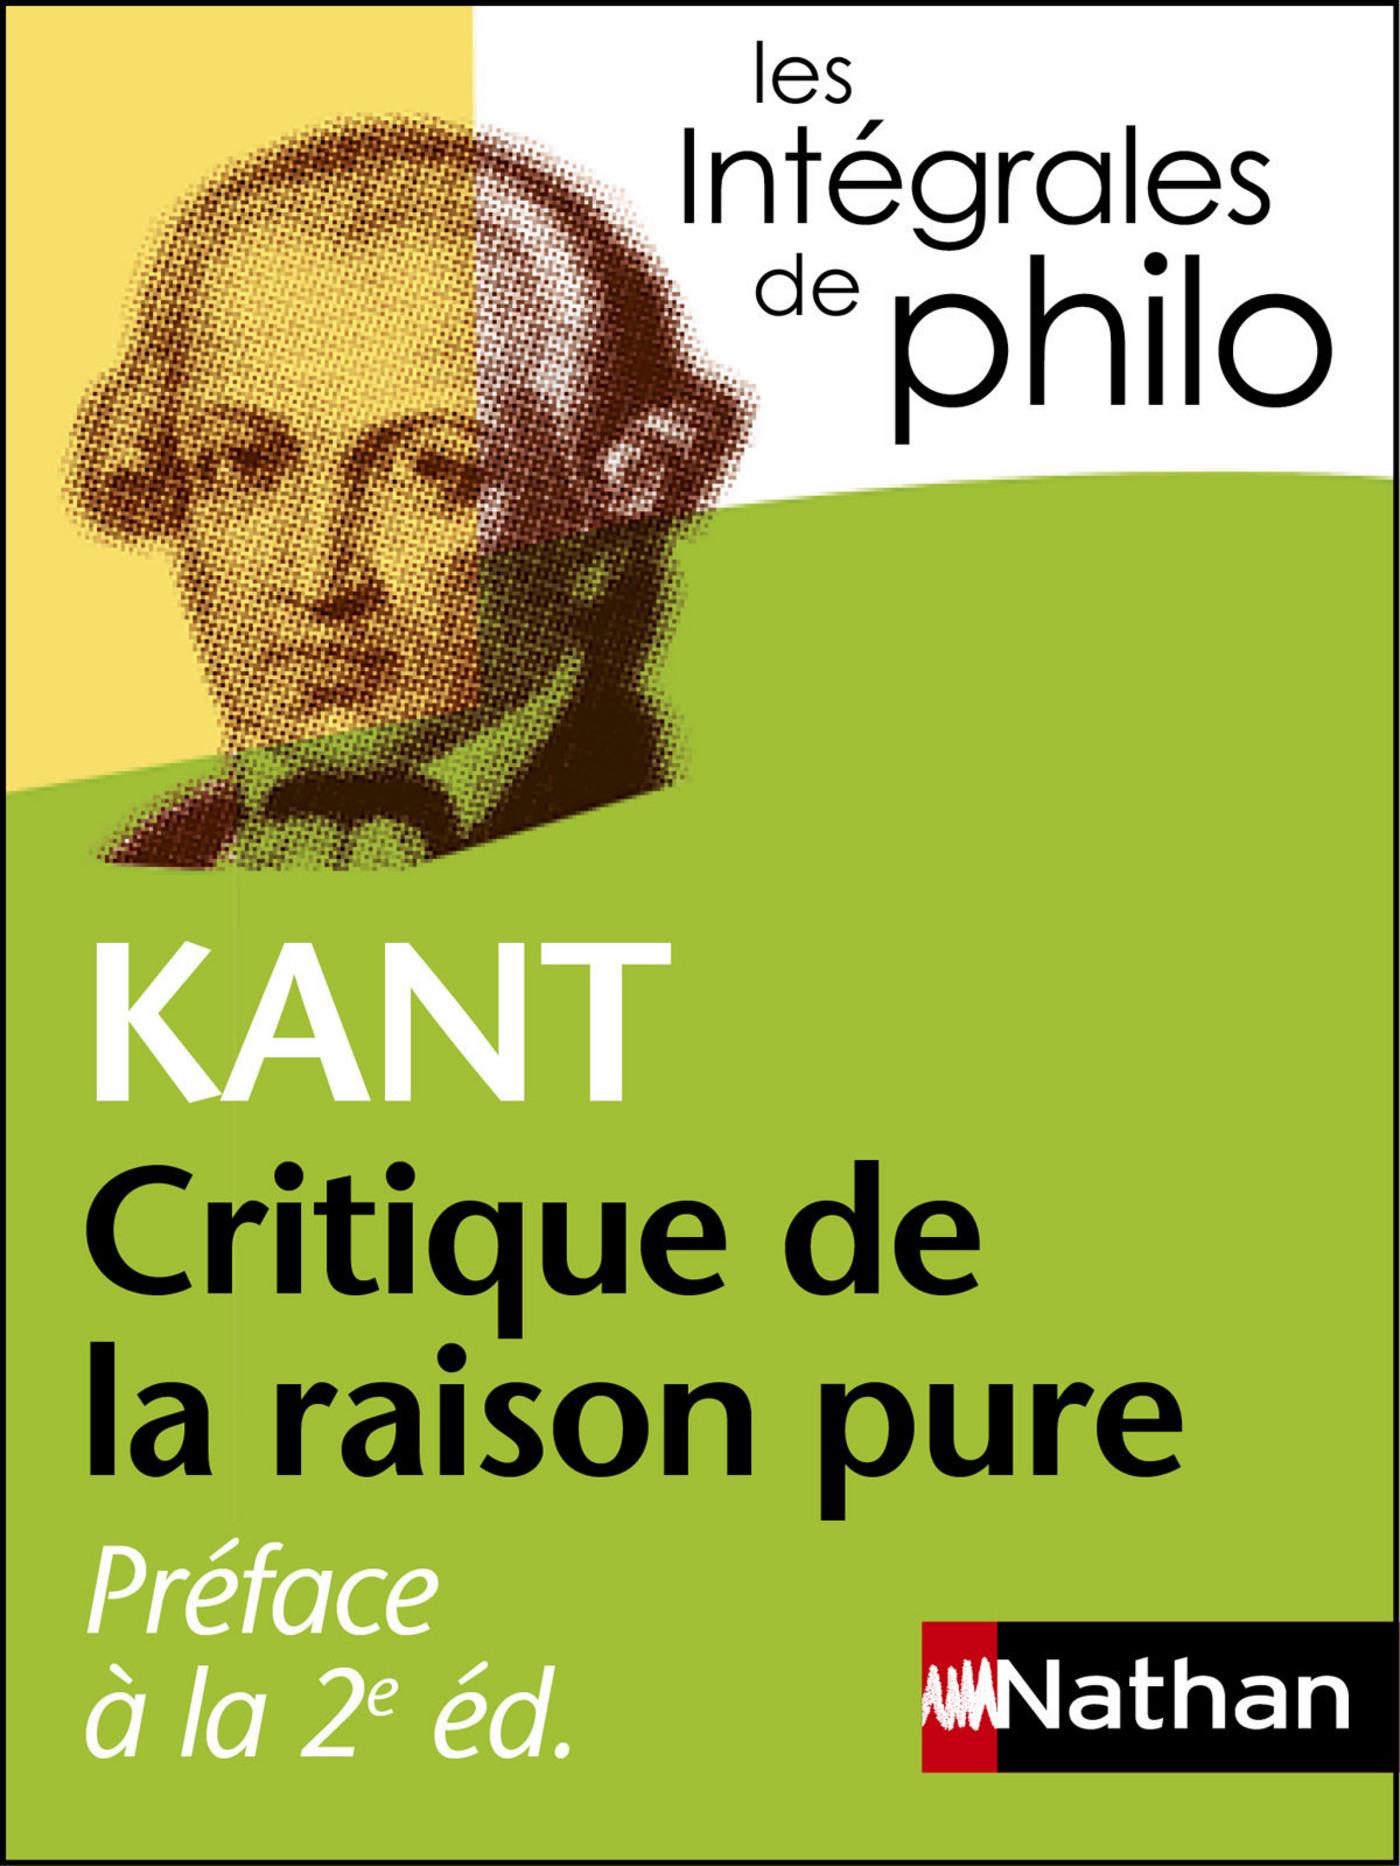 Intégrales de Philo - KANT, Préface à la 2e édition de la Critique de la raison pure (ebook)